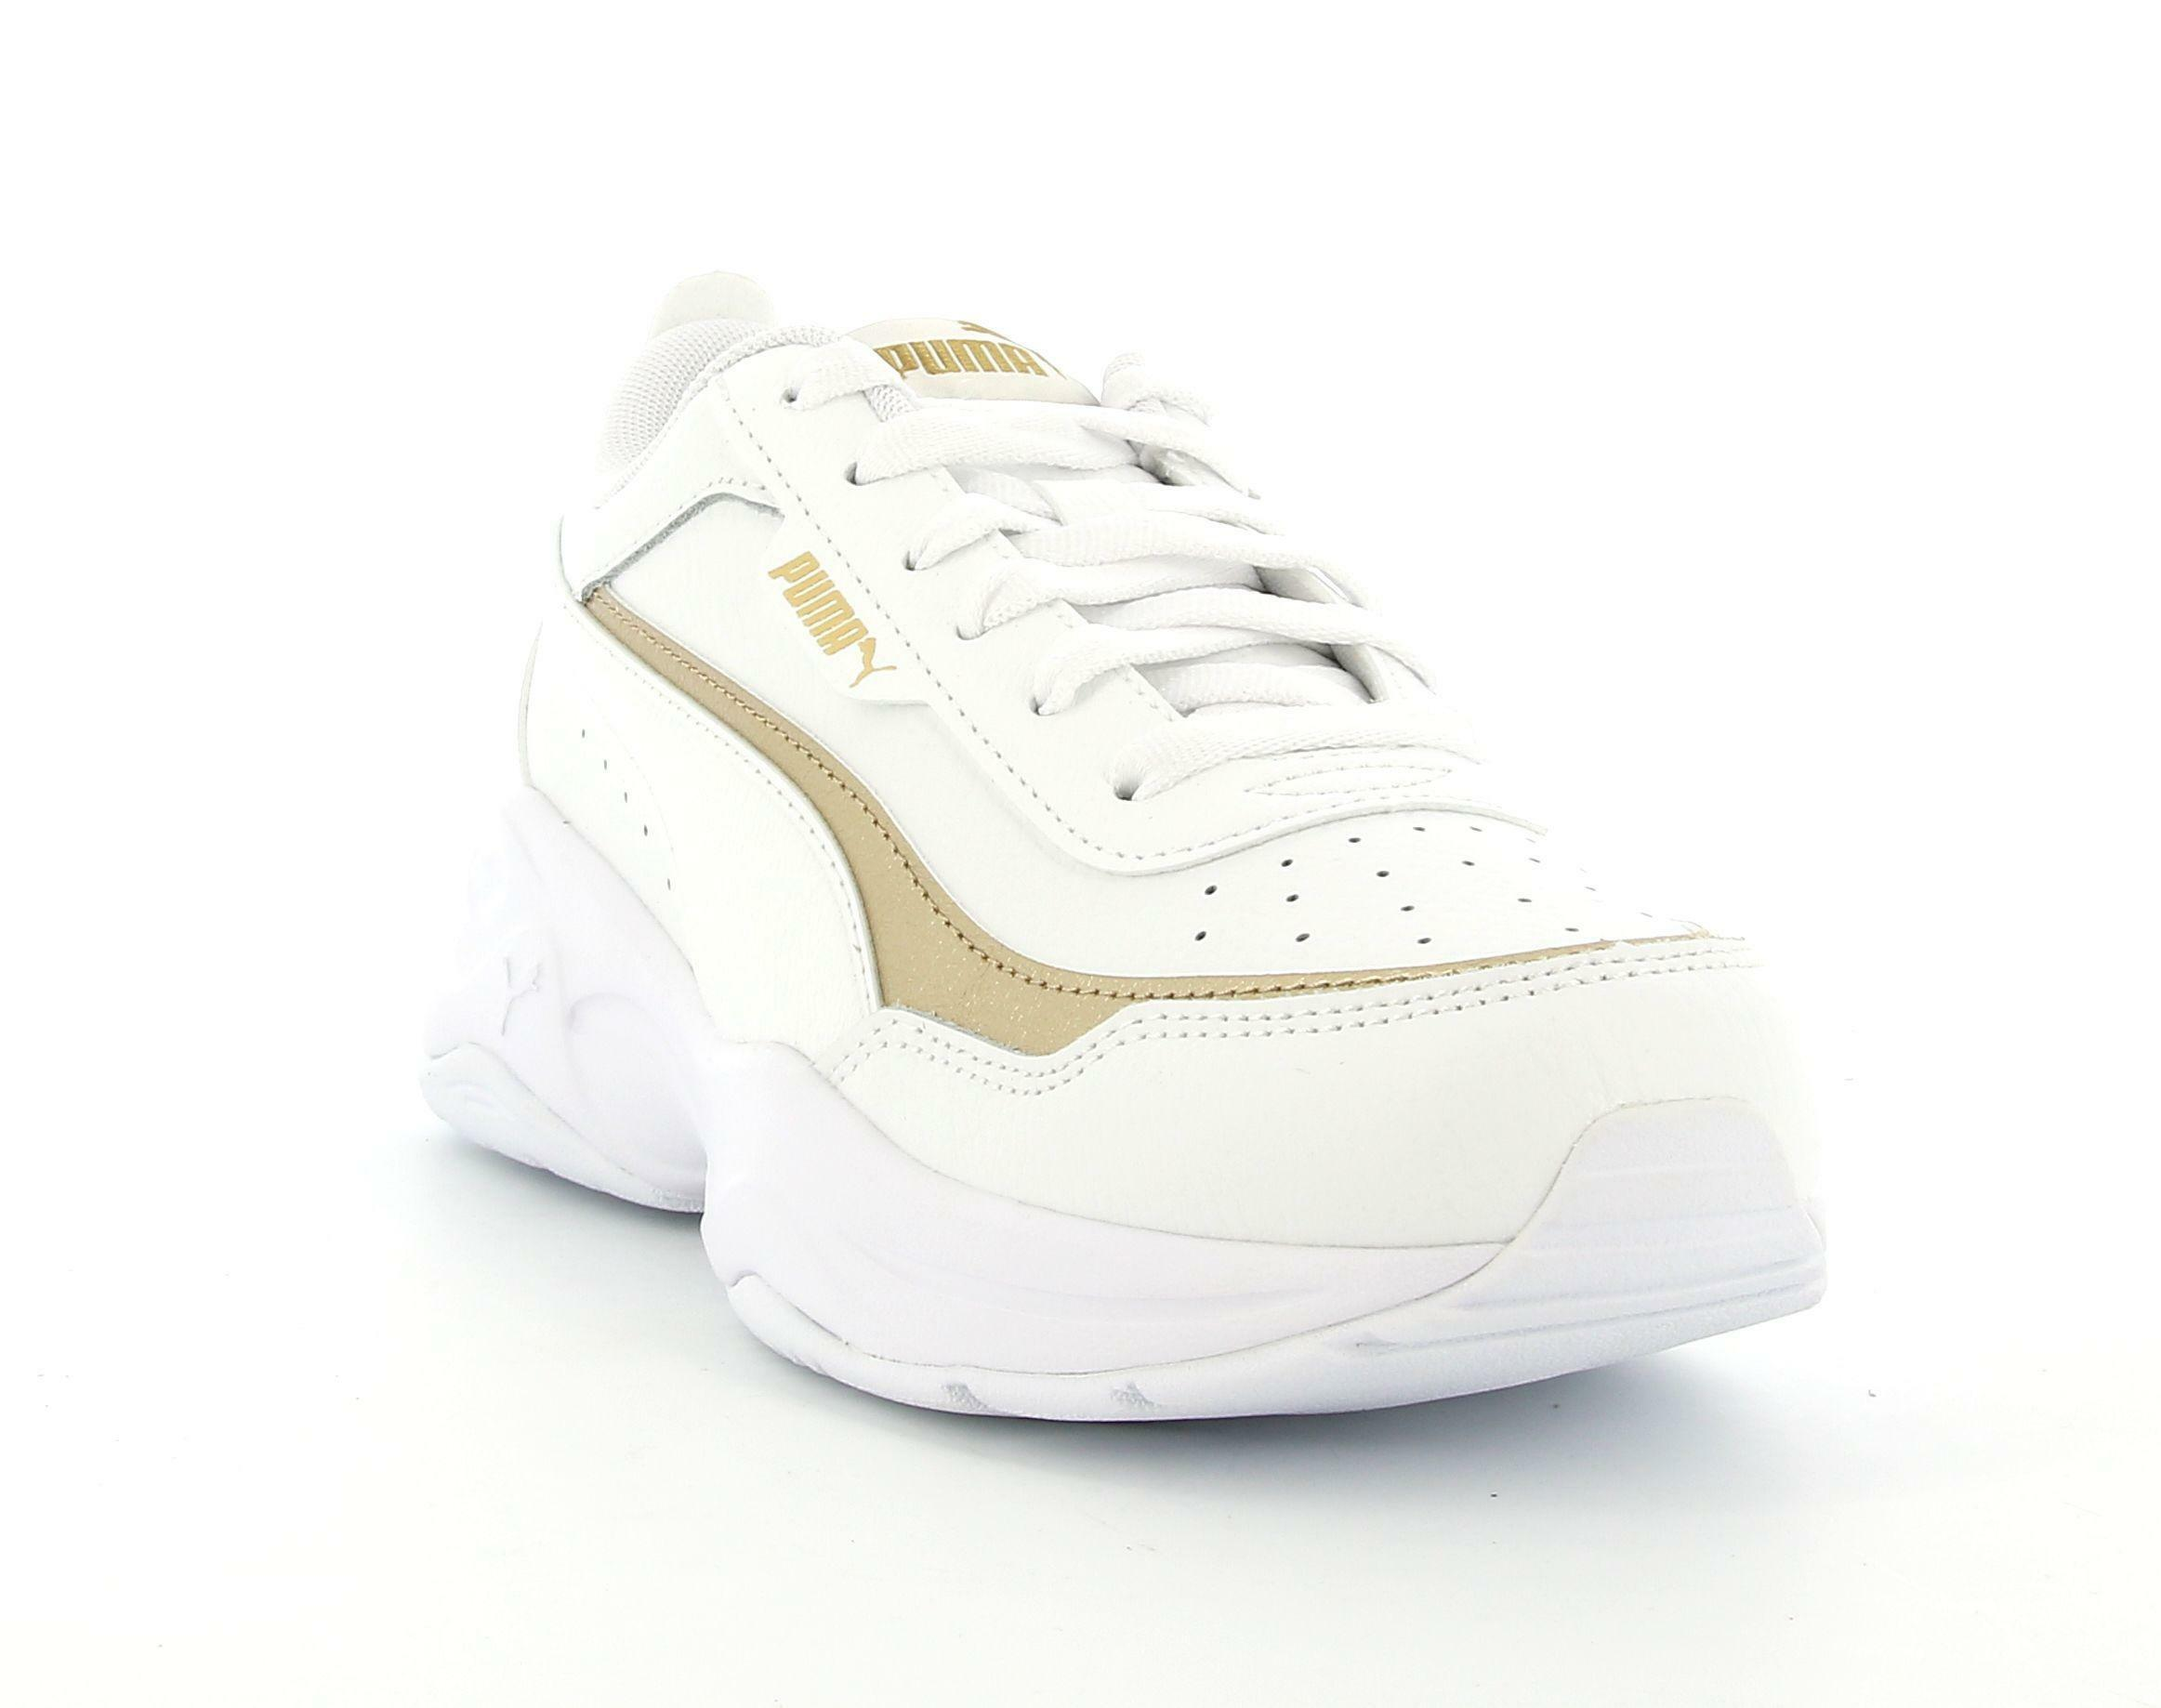 puma puma cilia mode lux 375732 002 sportiva lacci donna bianco